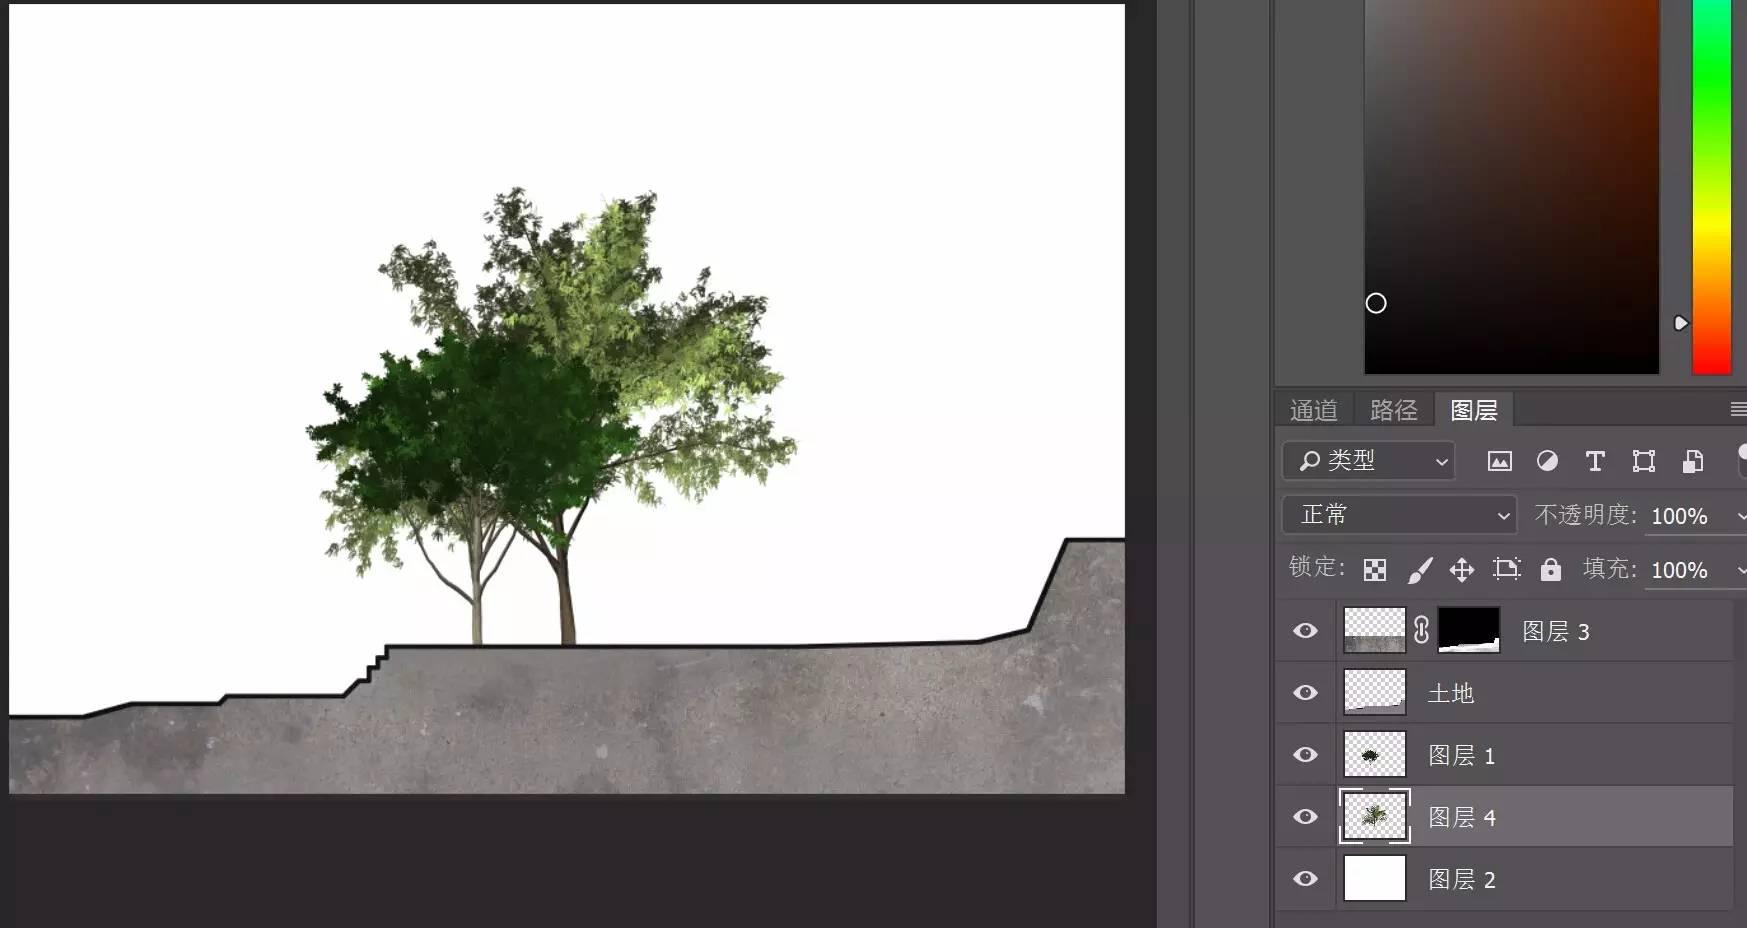 【文本】小清新景观分析图的绘制?